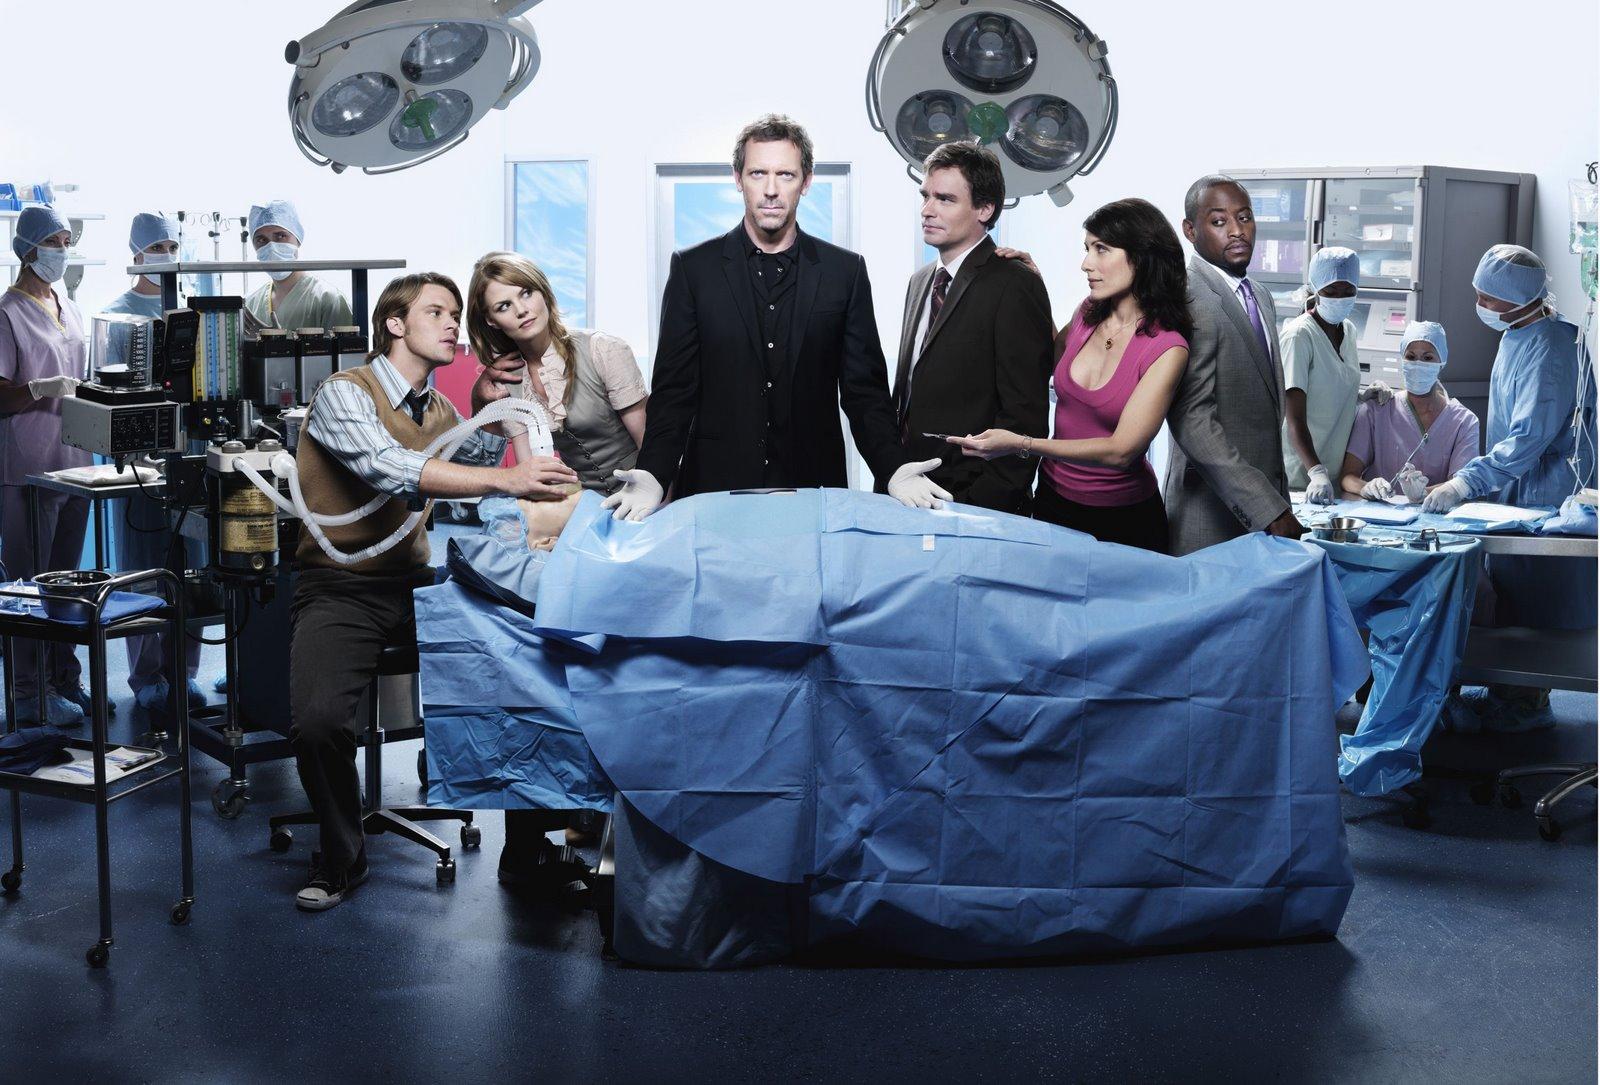 Personajes de la serie Dr. House.